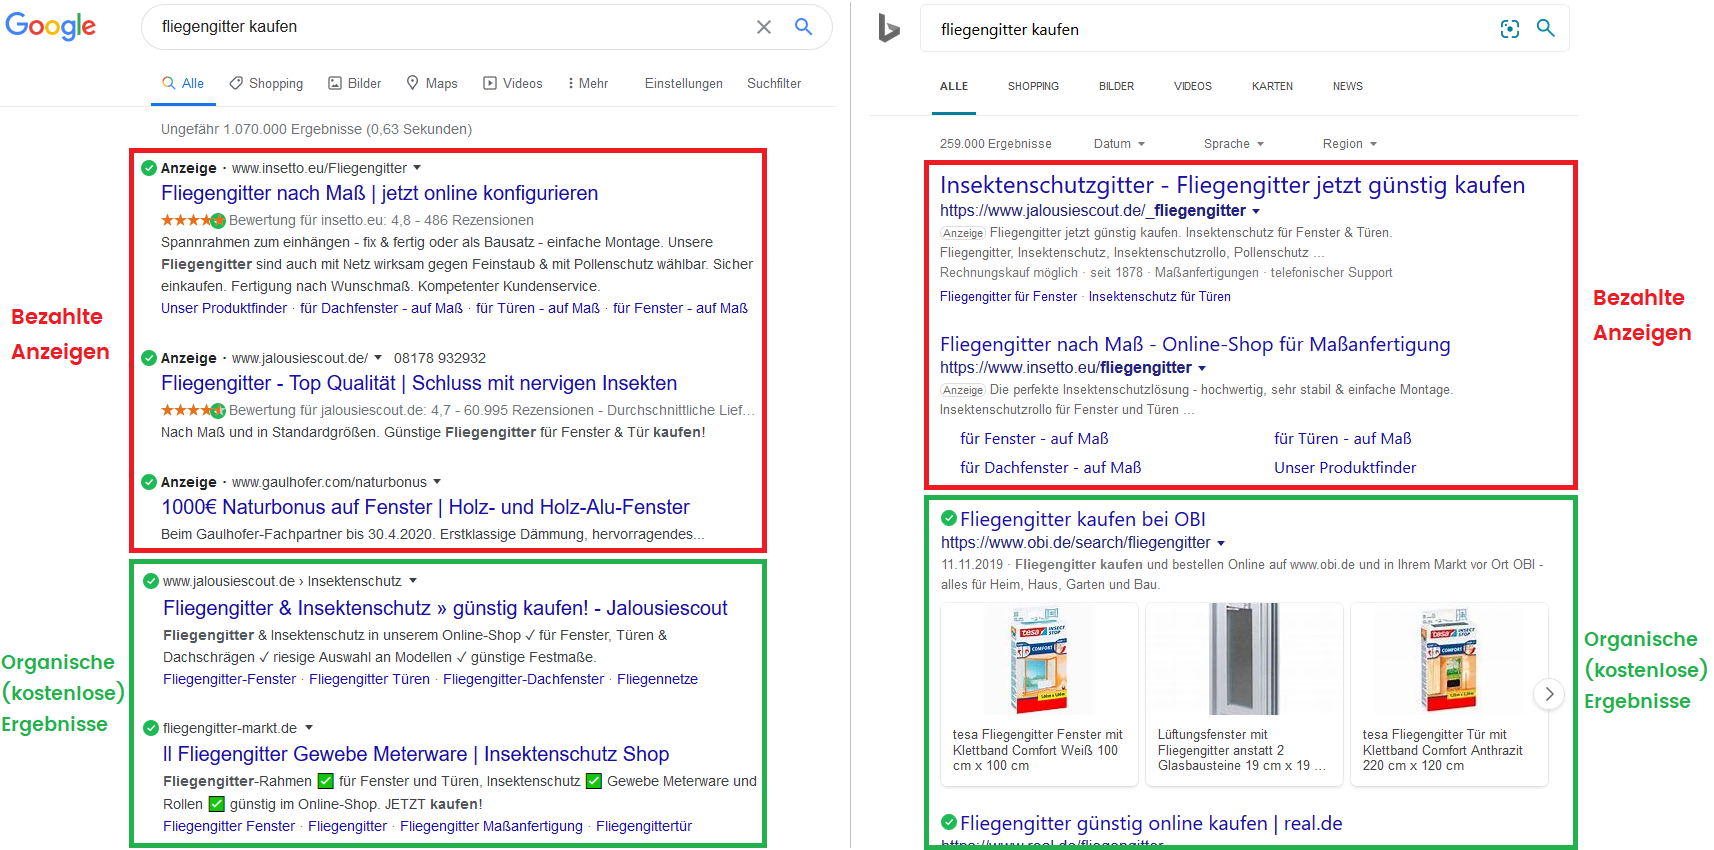 Goolge, Bing - Organische Ergebnisse vs. bezahlte Anzeigen